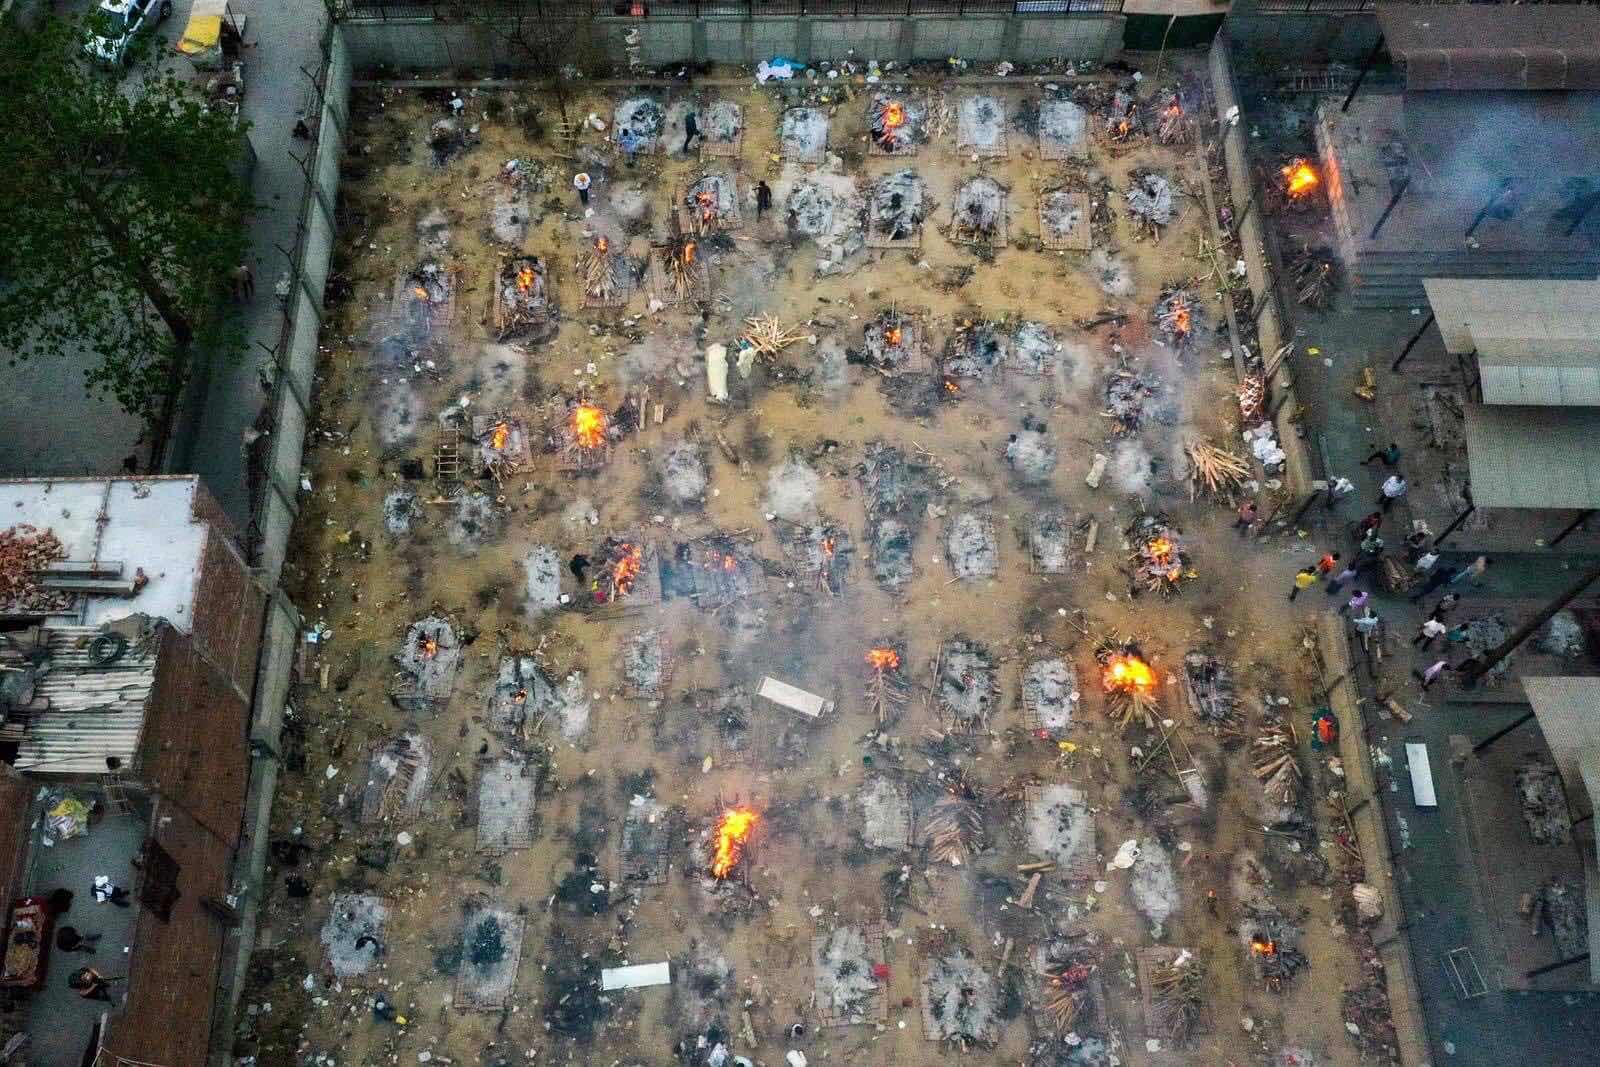 Hình ảnh hai là một ghat thiêu người chết, dù chết dịch hay chết bệnh, chết do tai nạn thì lễ hỏa táng đều giống nhau.